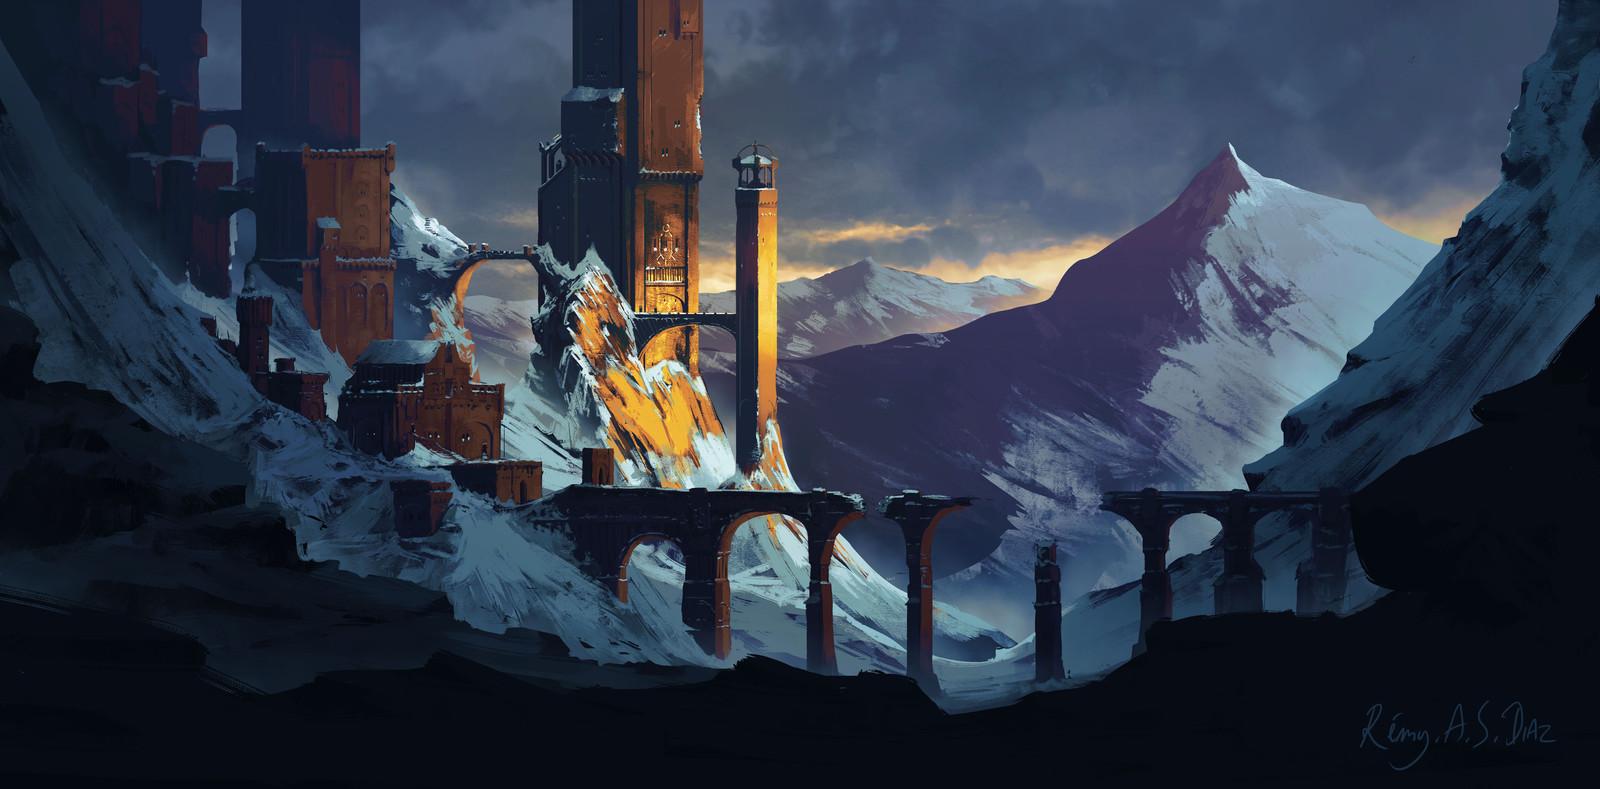 Fantasy Castle in Snow